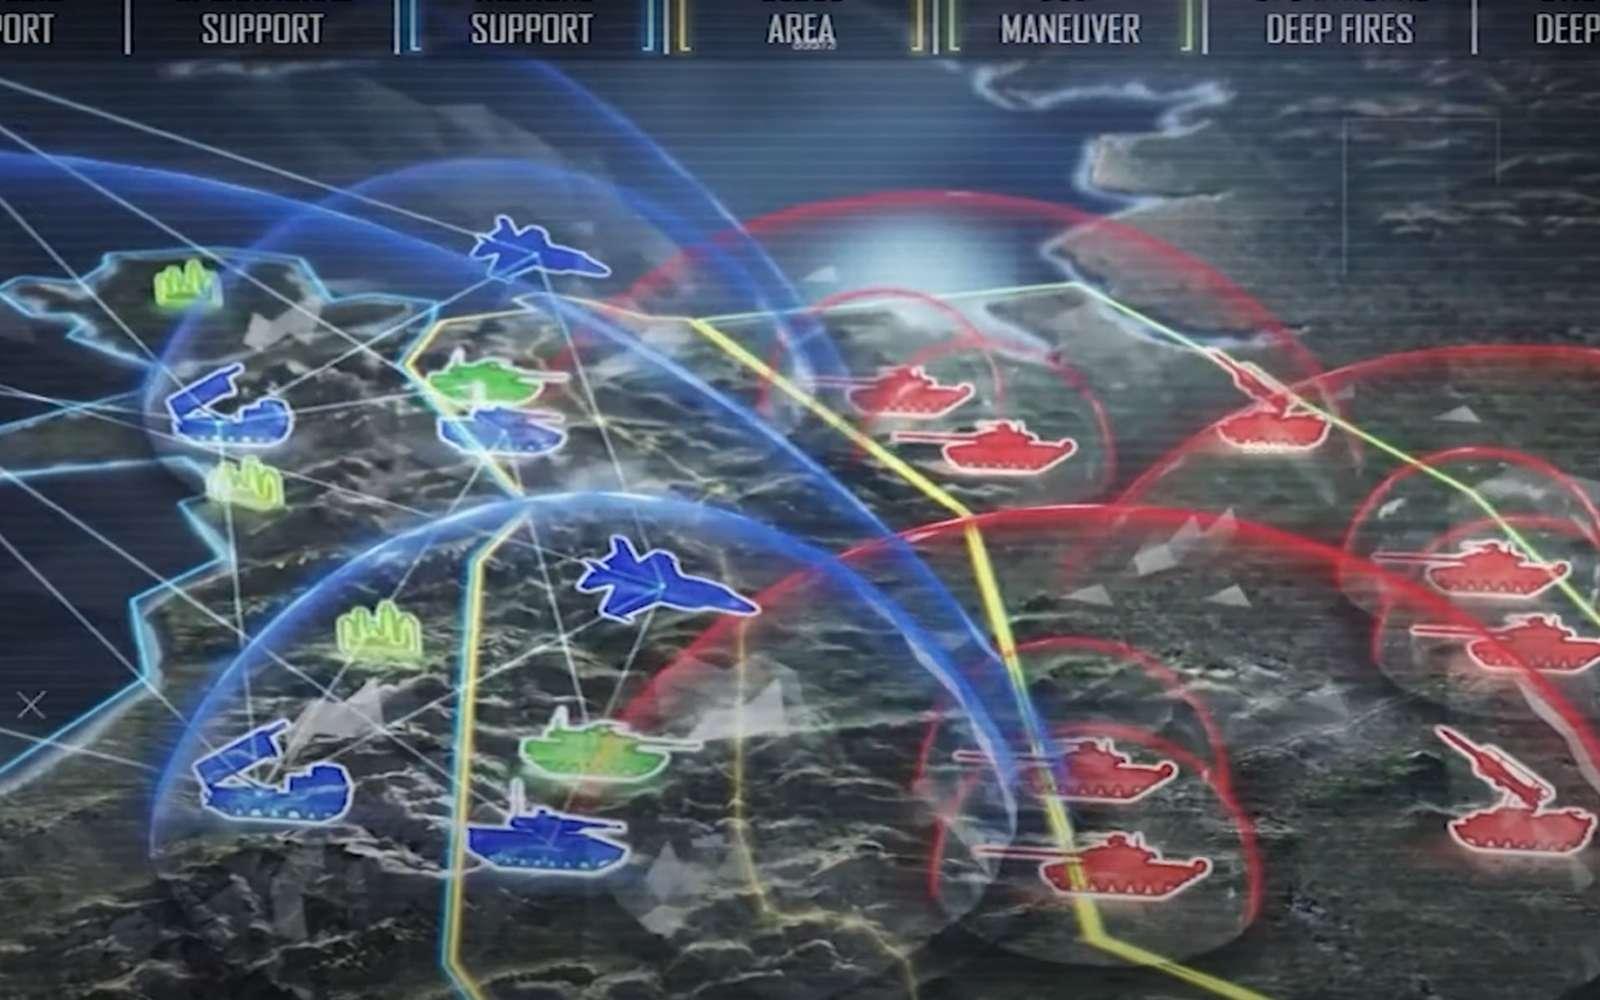 En donnant plus d'autonomie à l'IA, les soldats pourraient contrer l'attaque d'un essaim de drones armés. © United States Army Futures Command